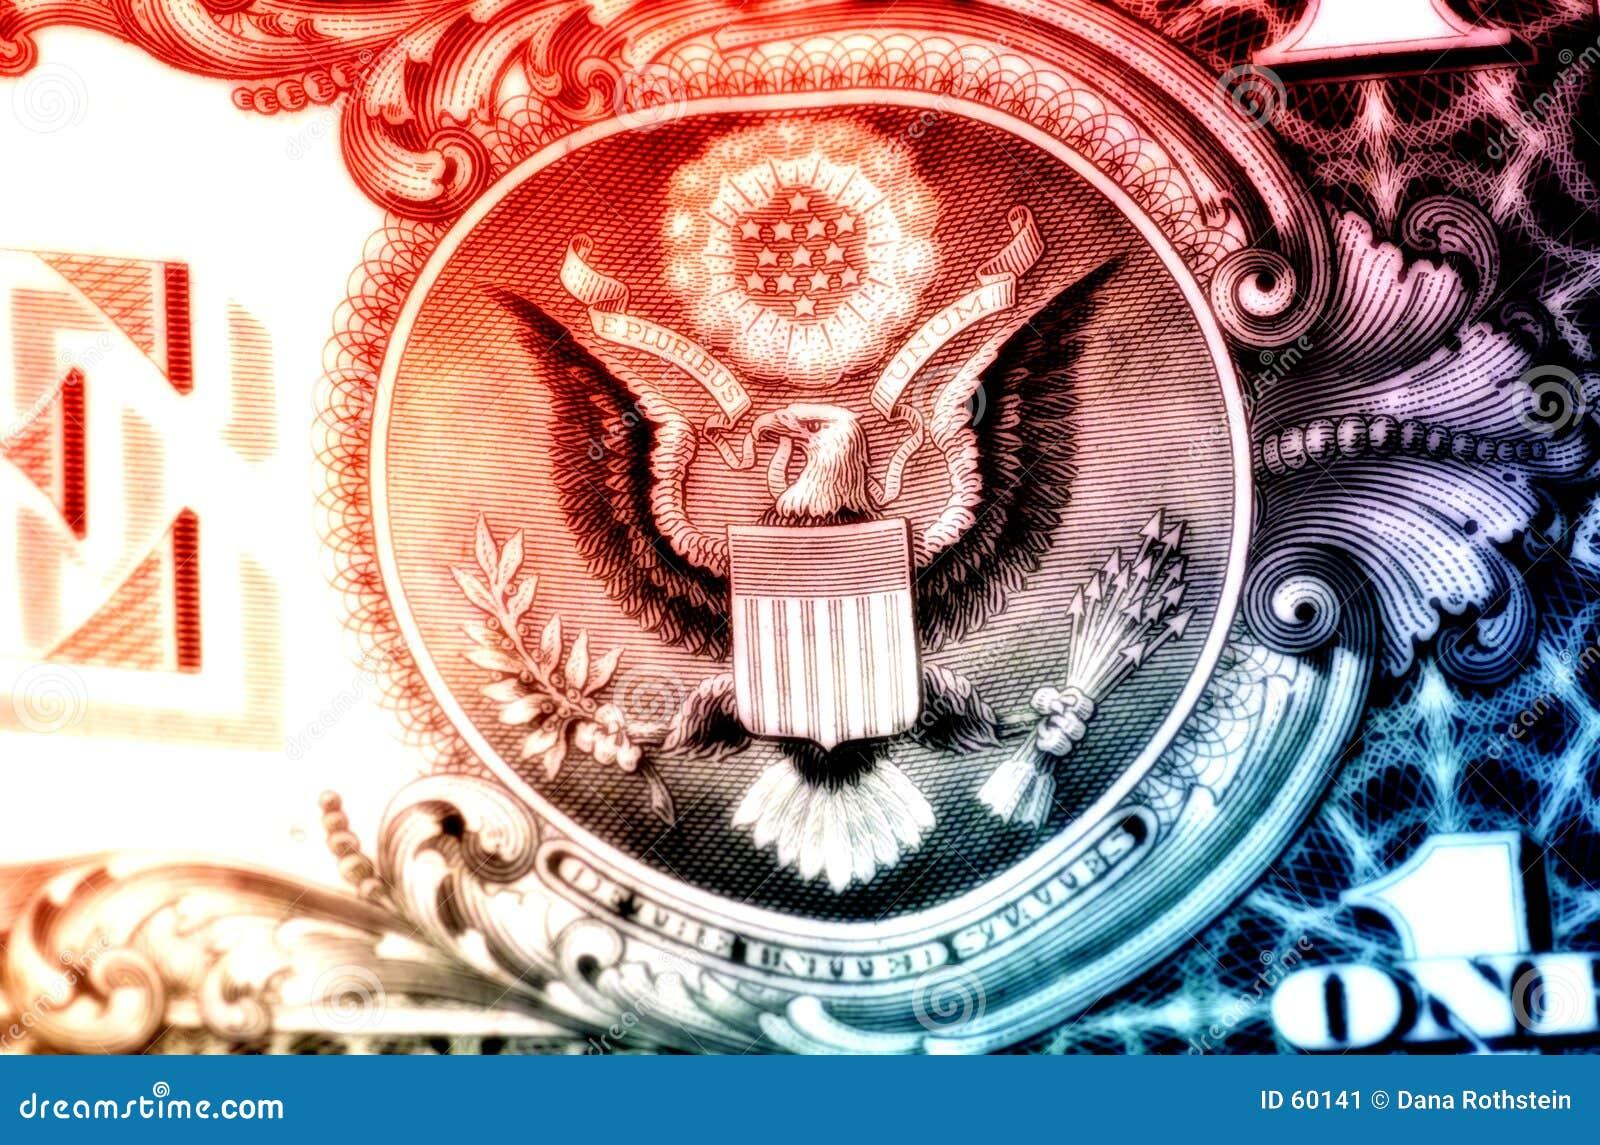 Download Aigle américain image stock. Image du financier, aigle, changement - 60141